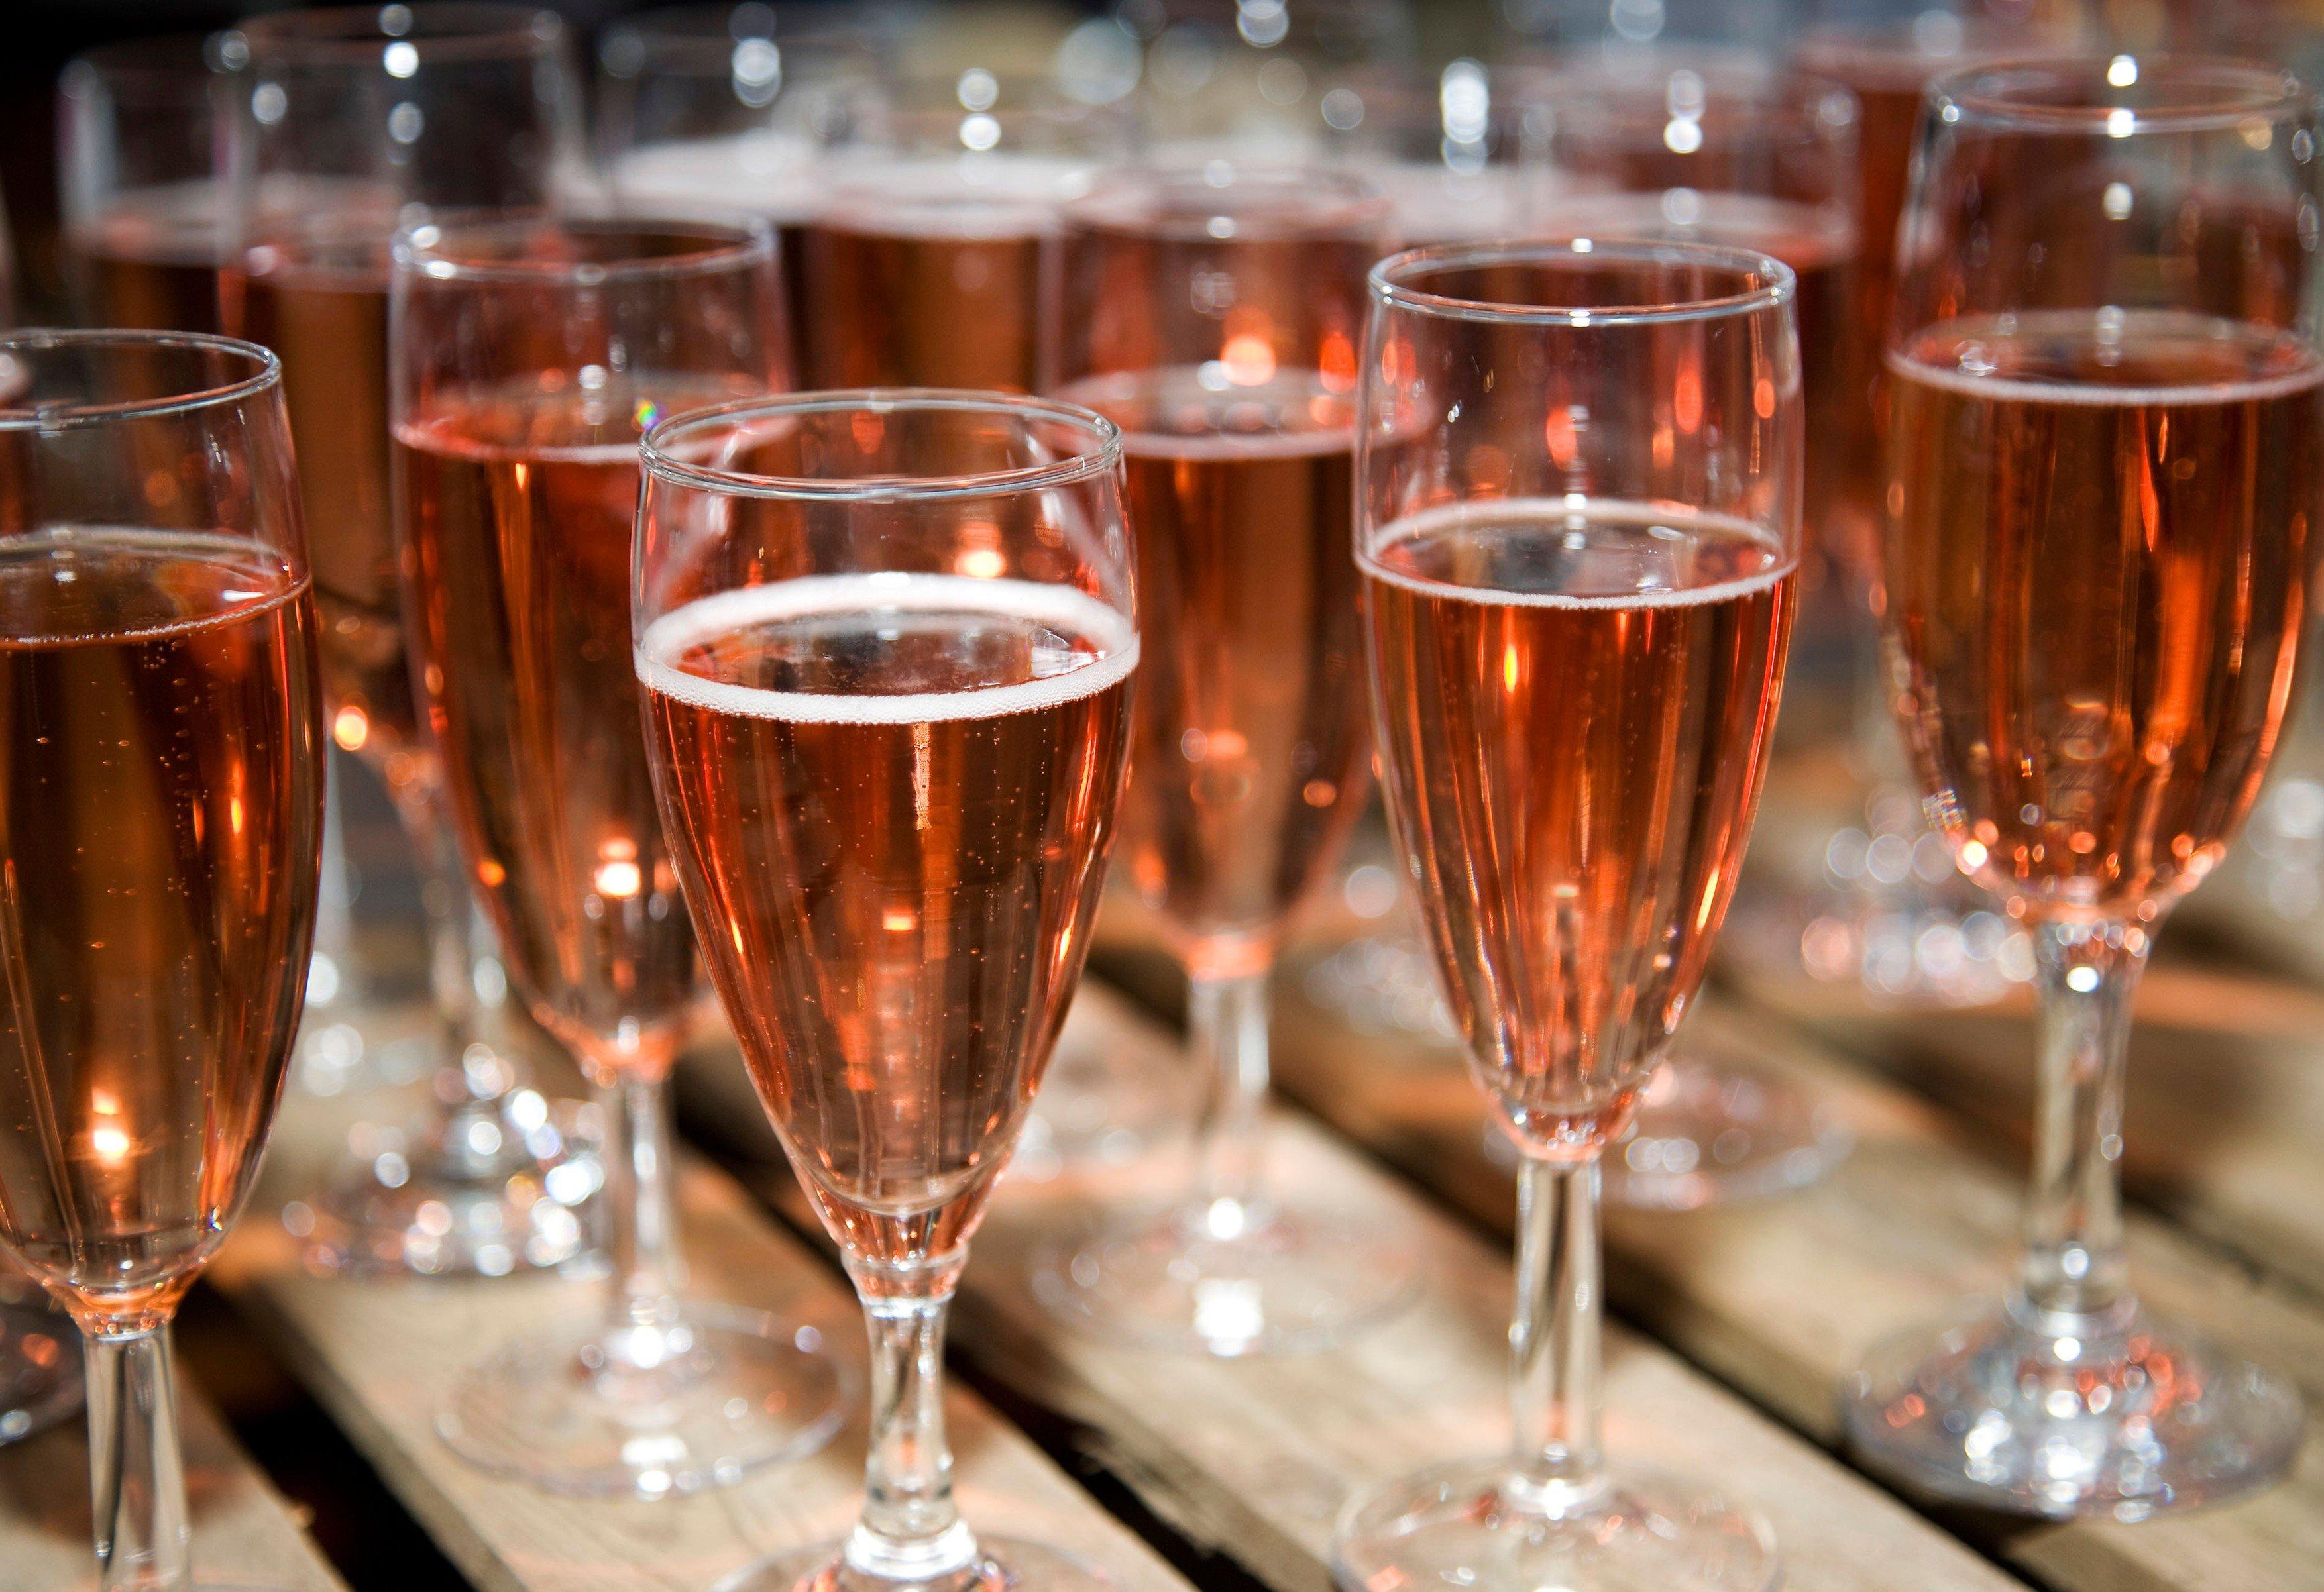 Sekt, šampaňské, připitek